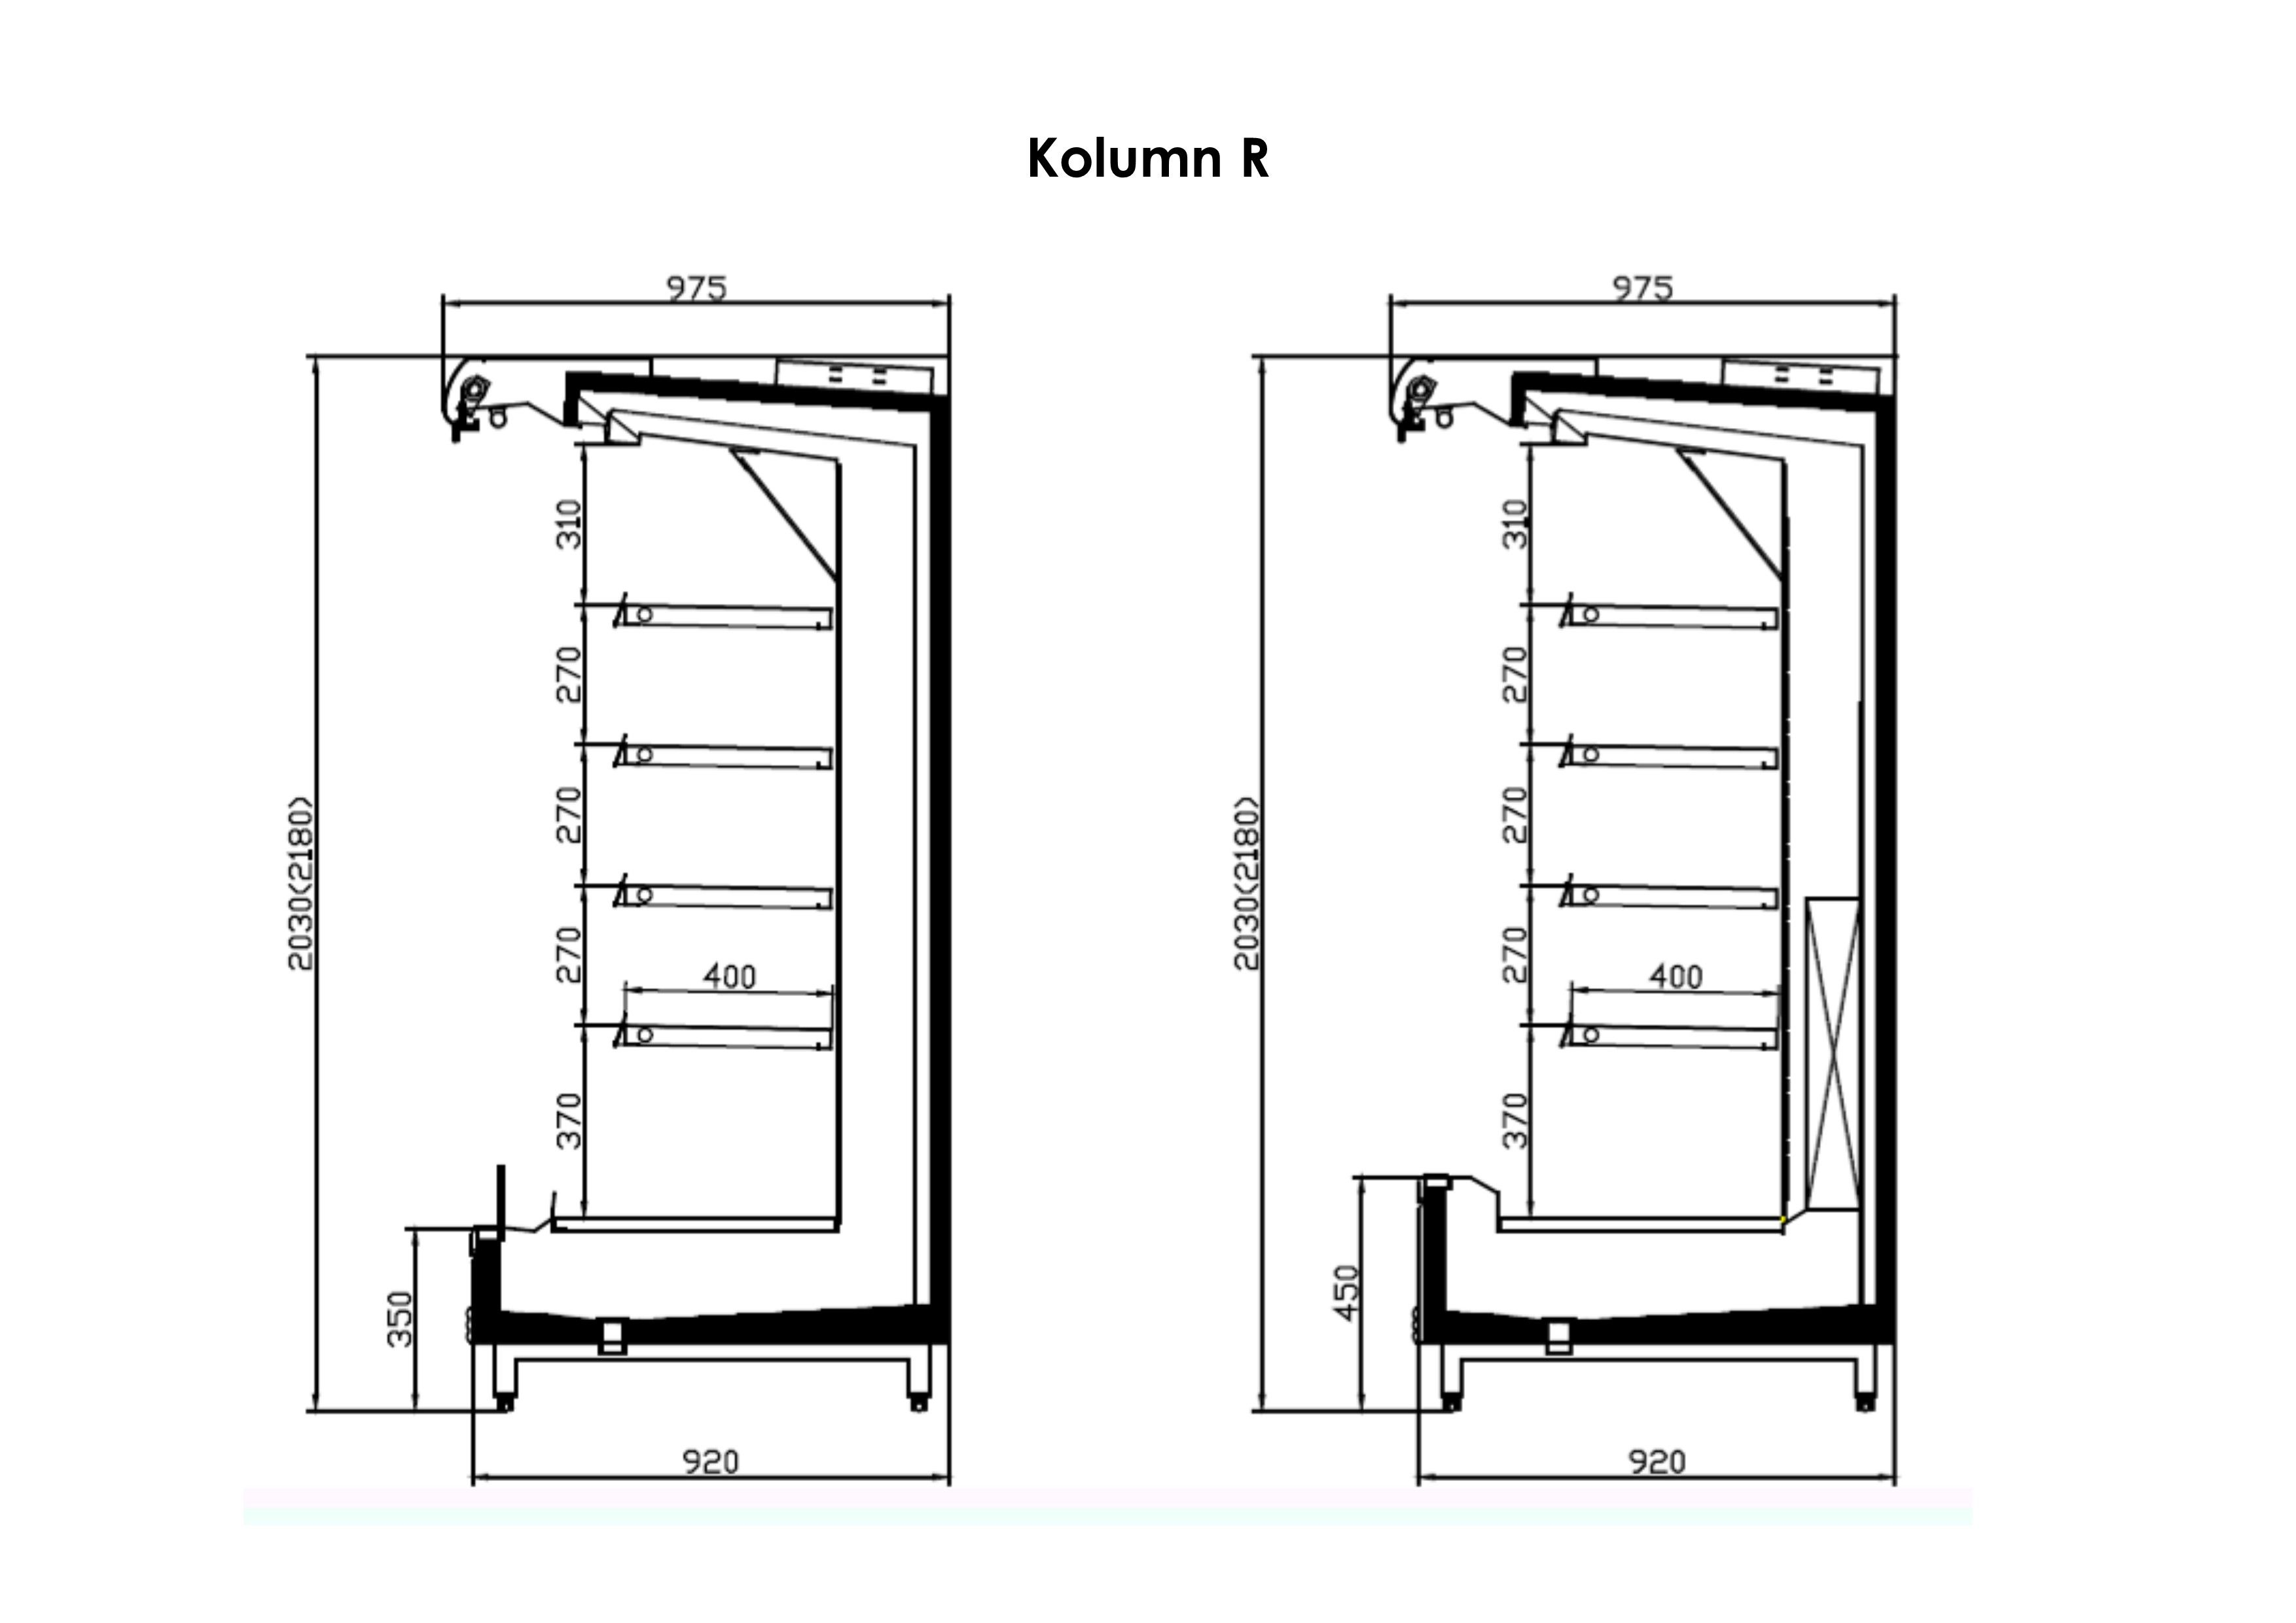 Refrigeration Schematic